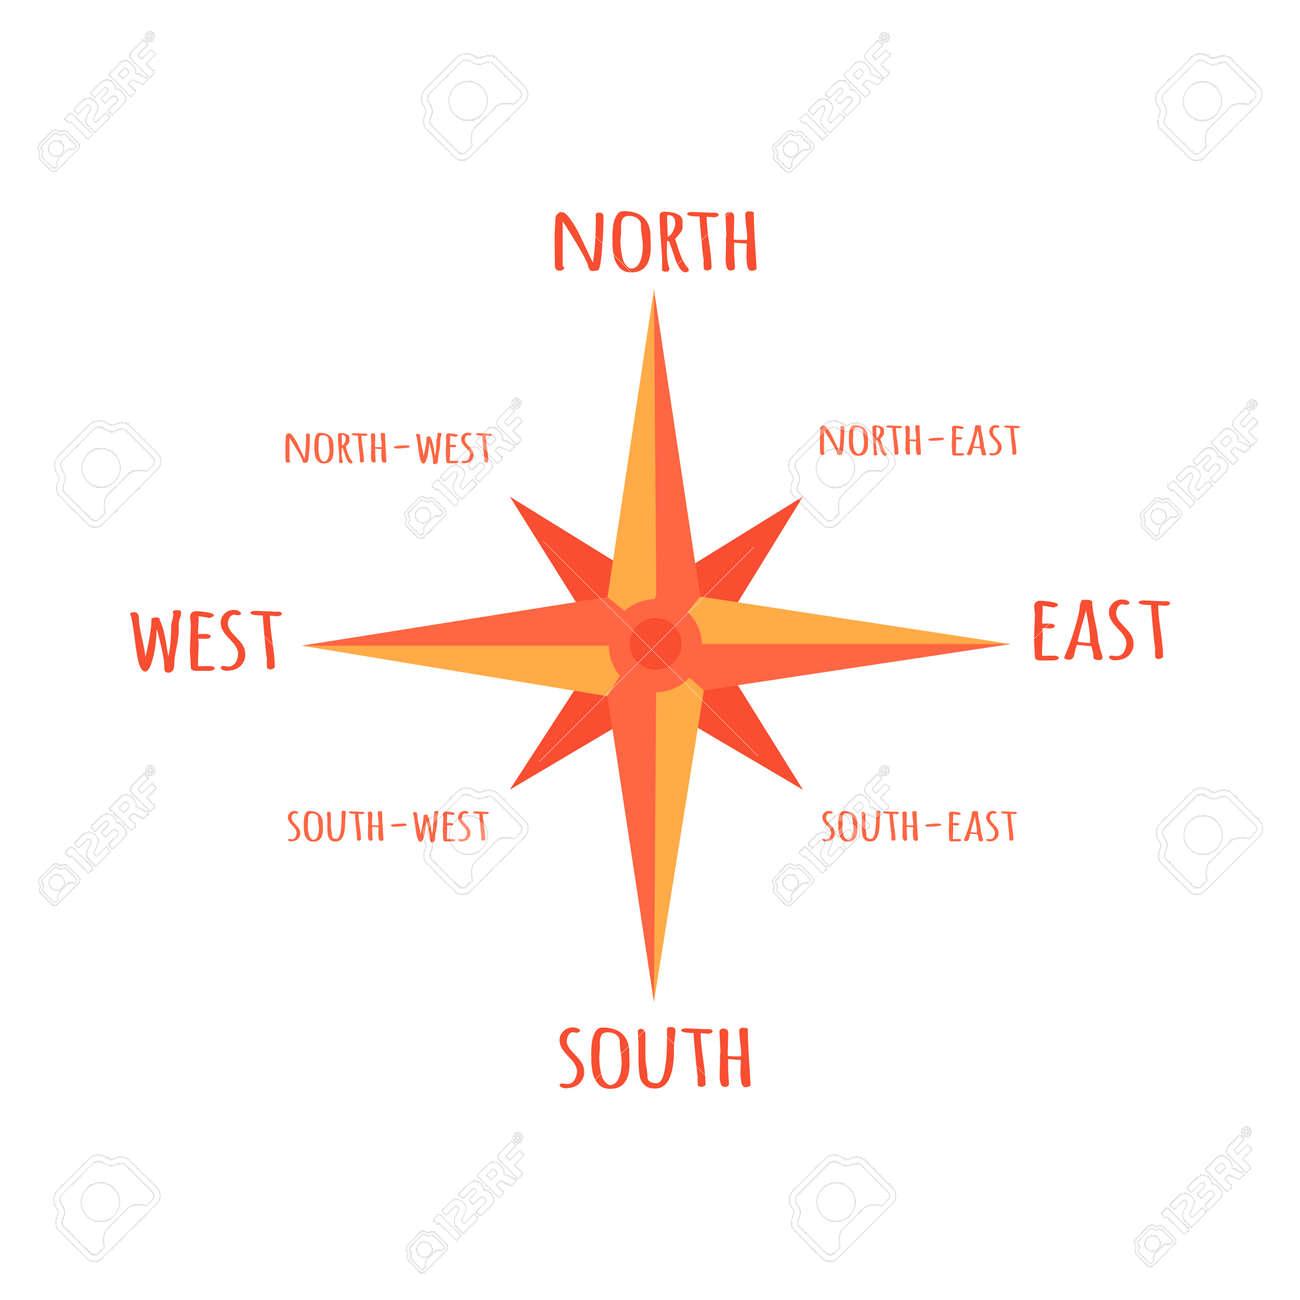 boussole diagramme rose, isol� sur blanc  affiche les directions nord,  nord-est